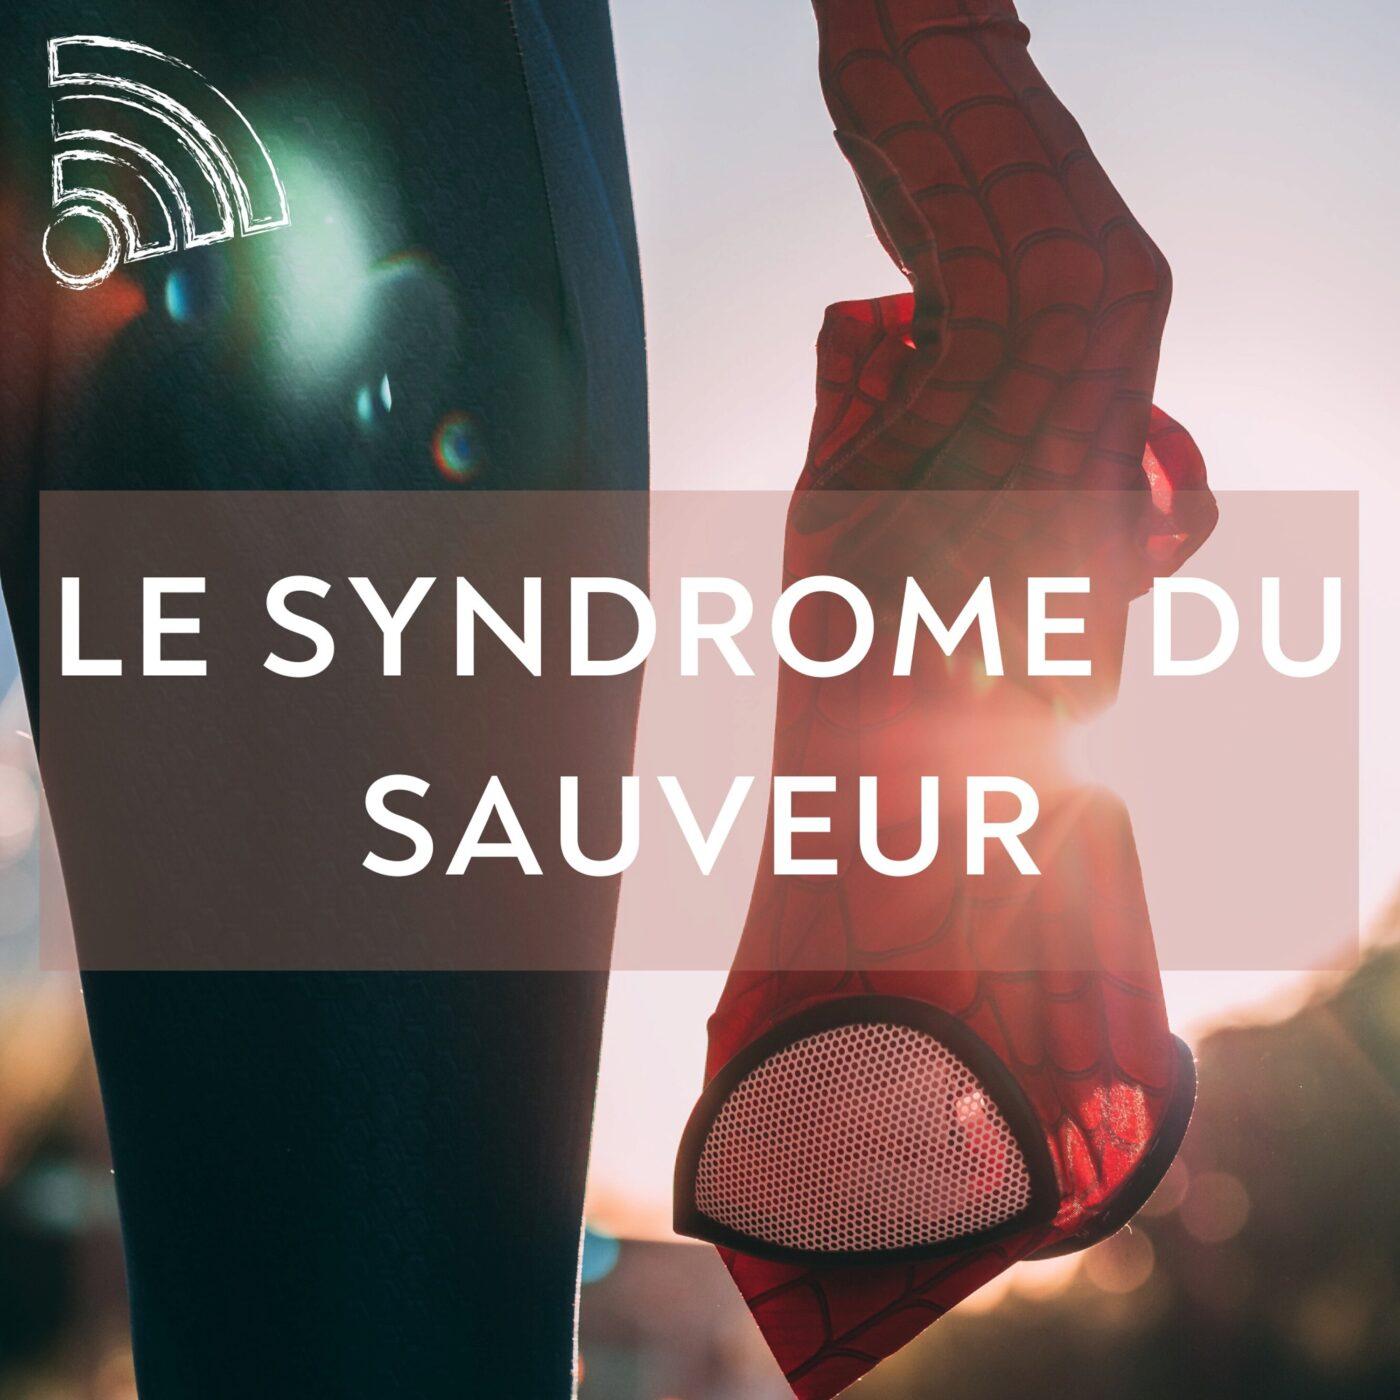 Le syndrome du sauveur